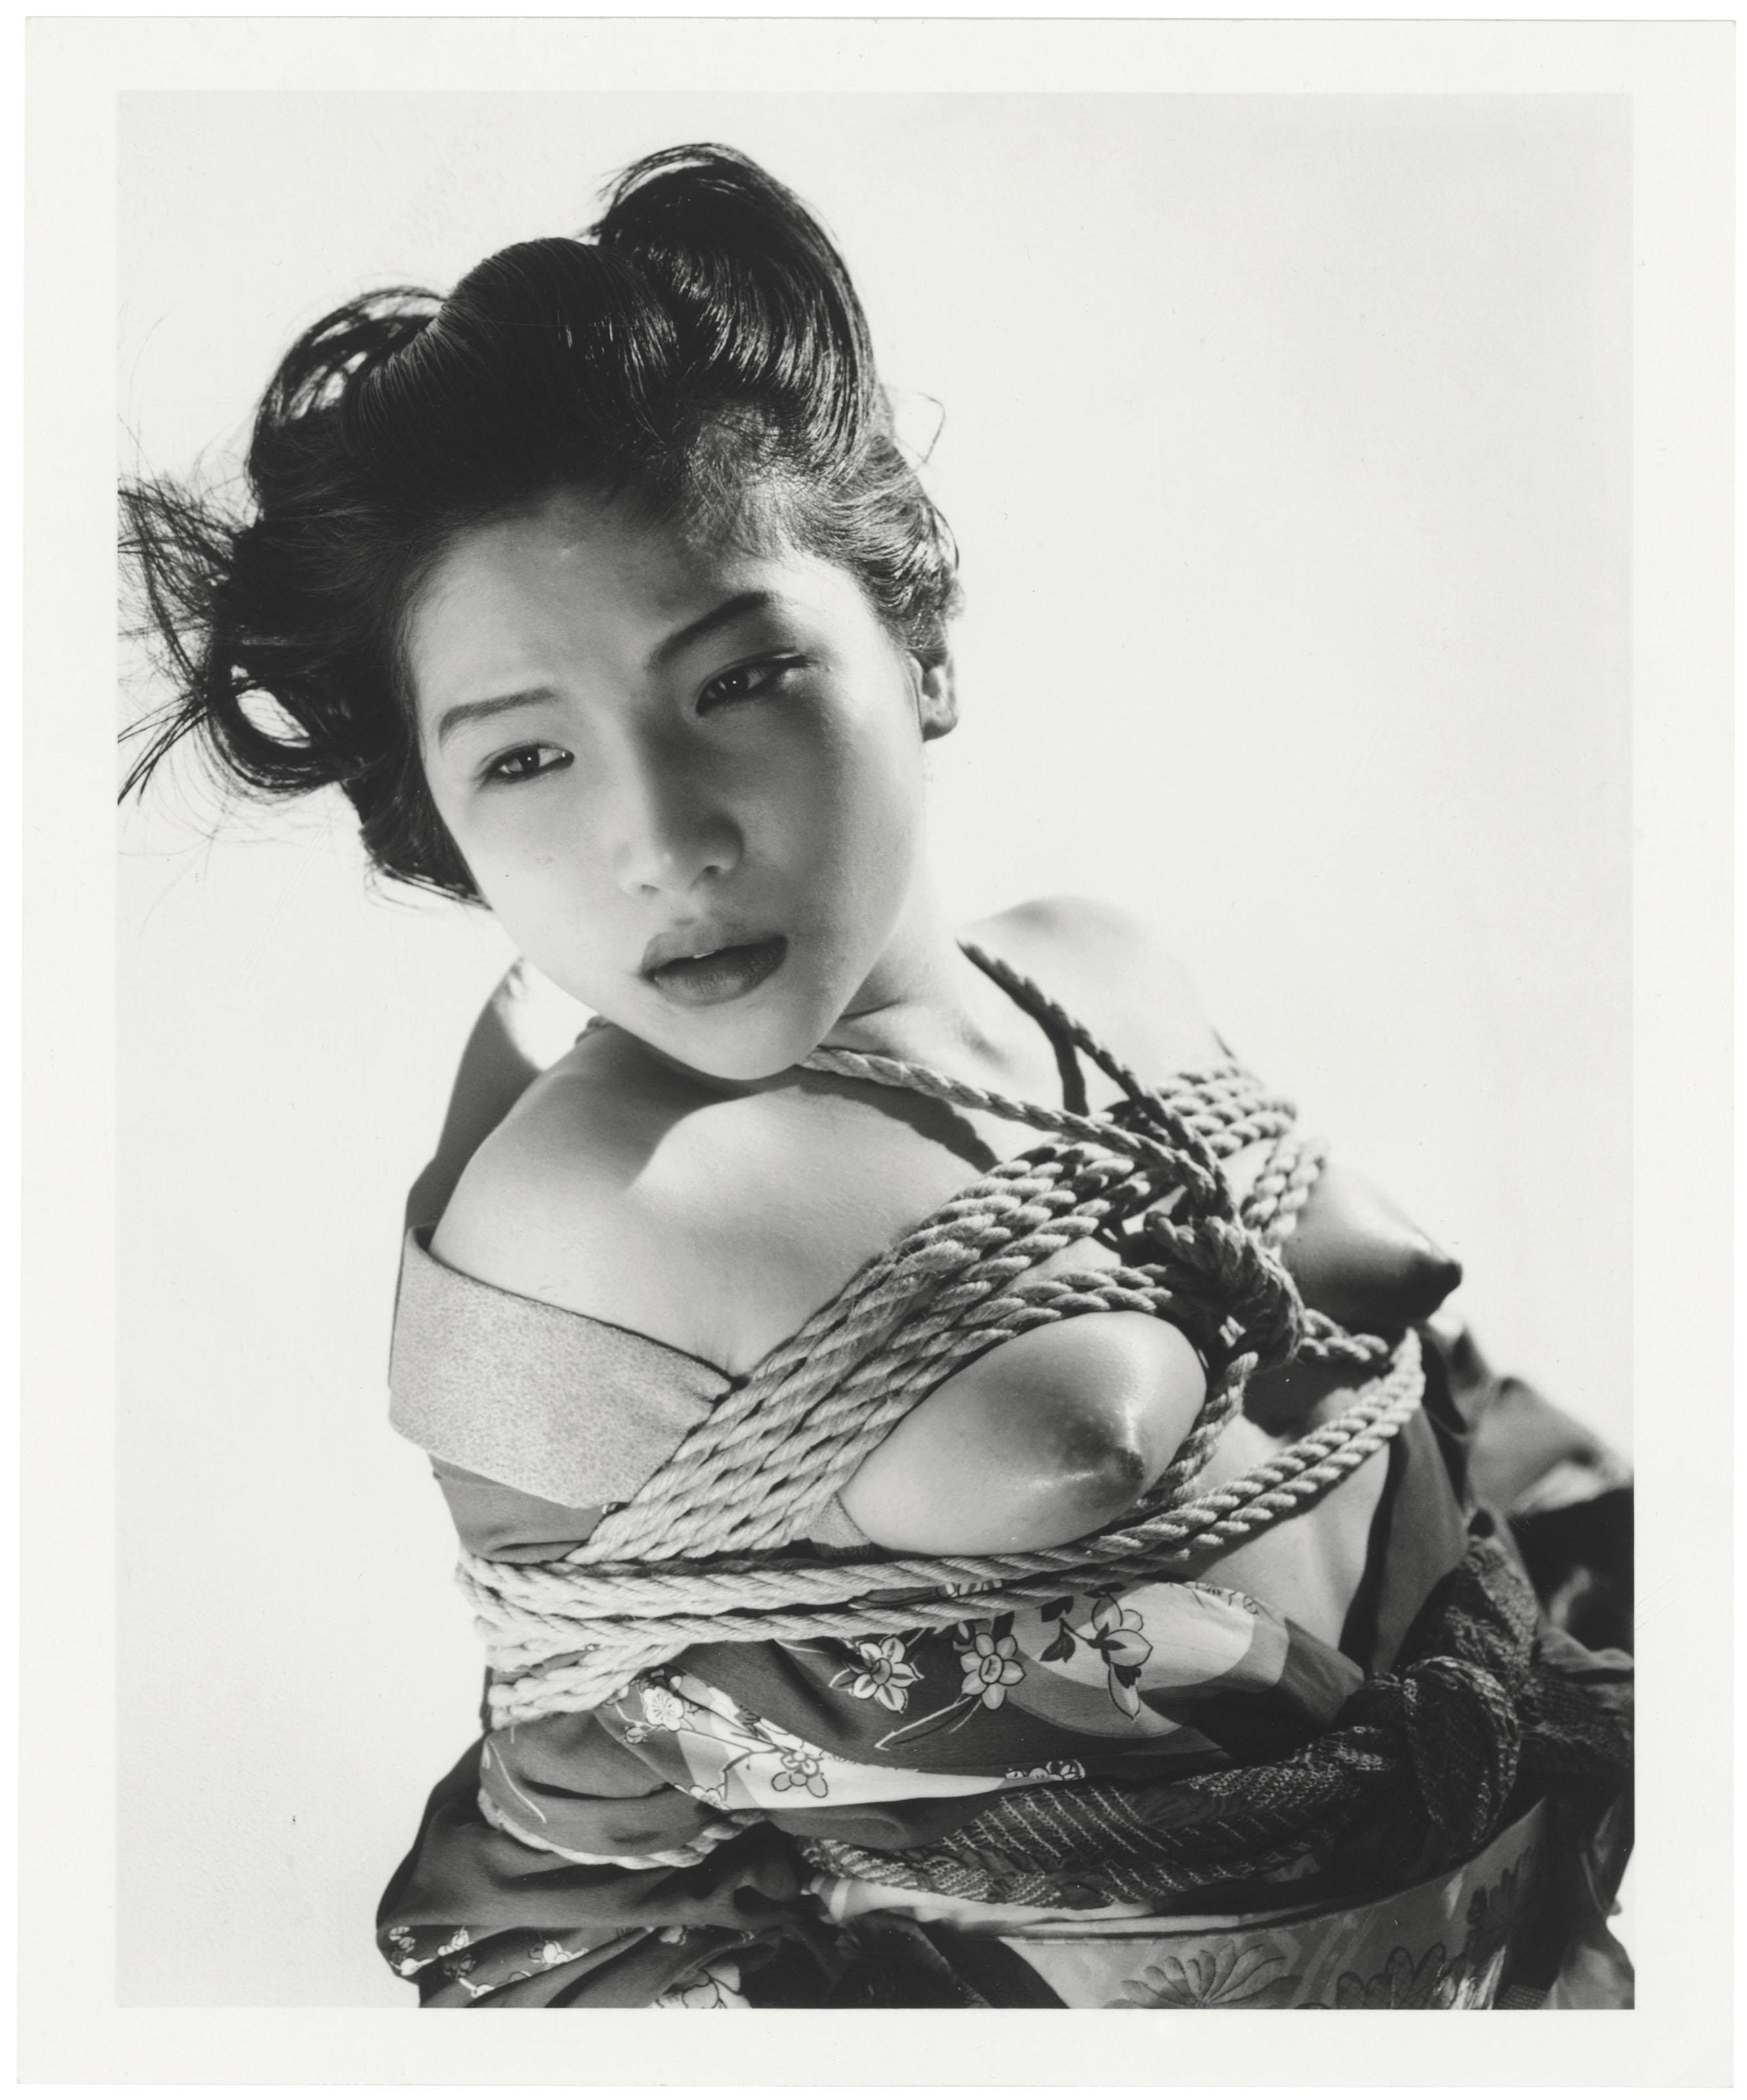 NOBUYOSHI ARAKI (B. 1940)